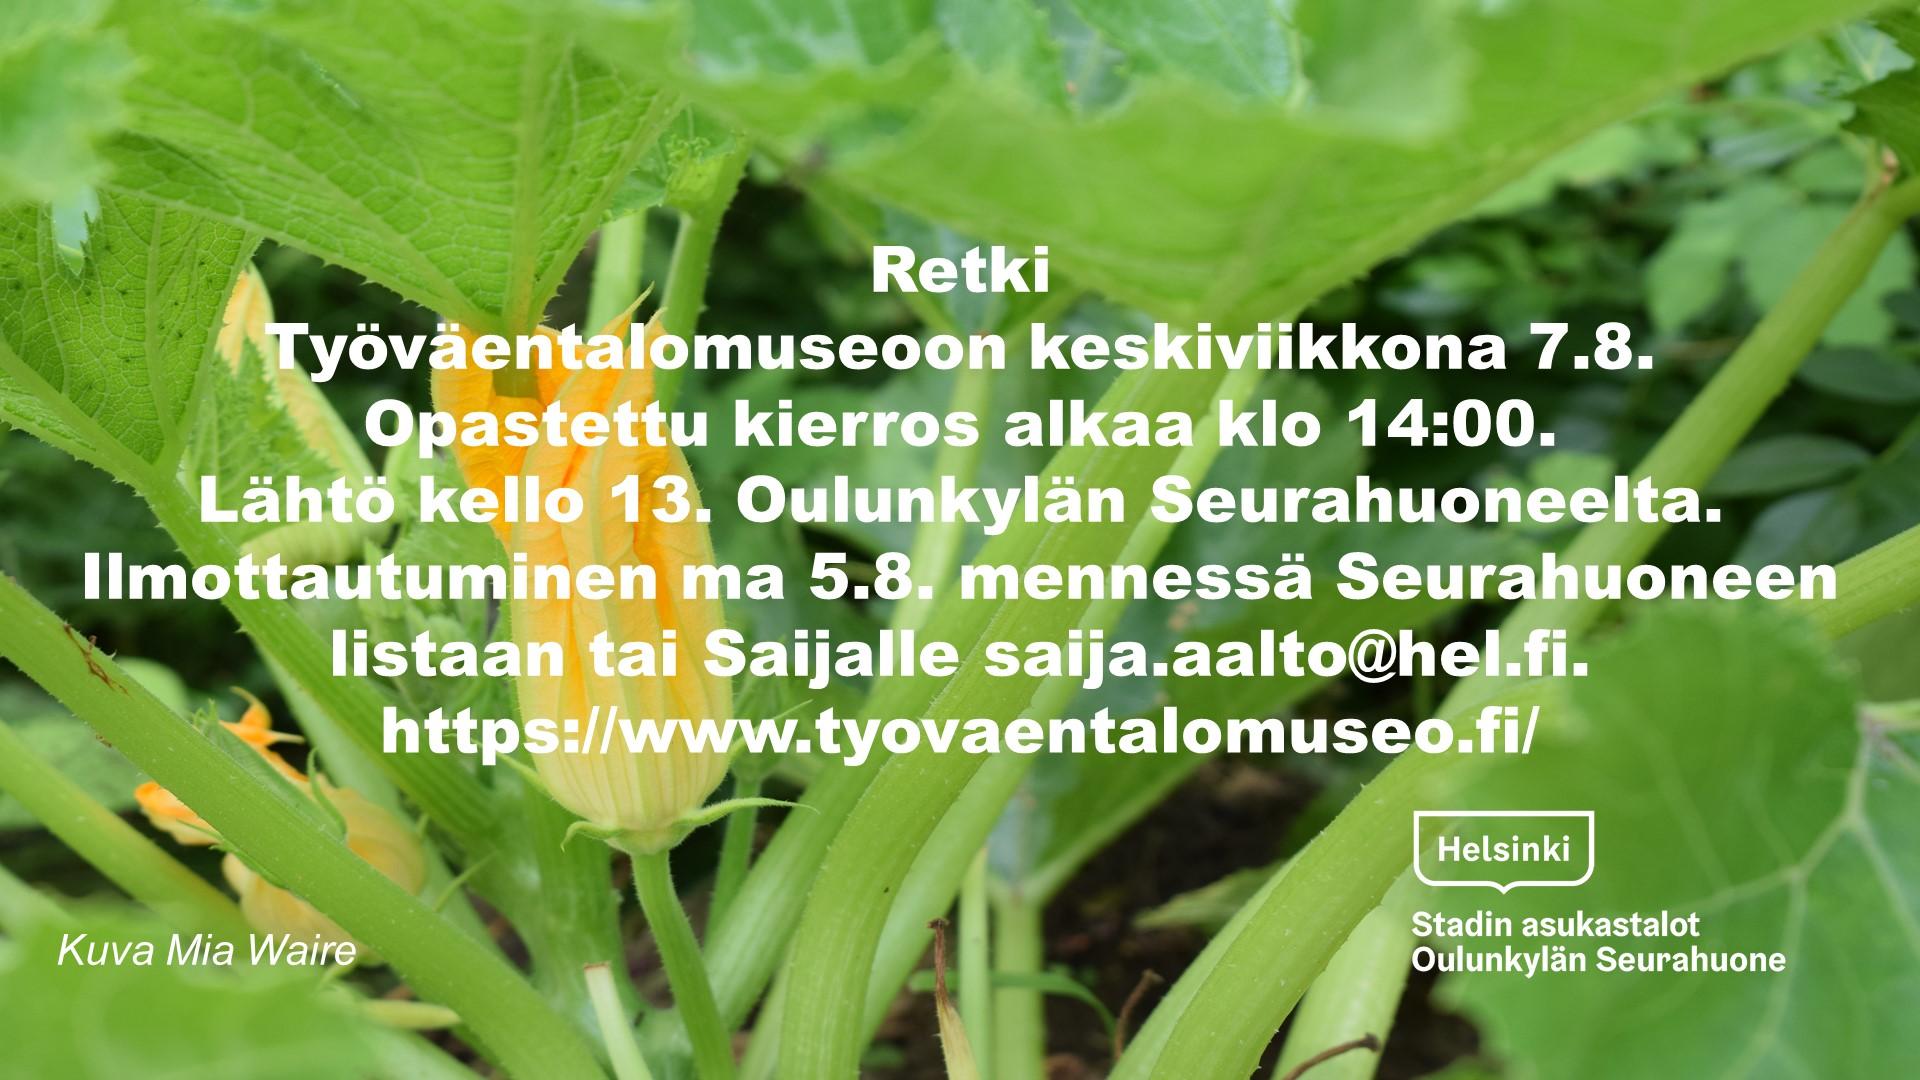 Linkki tapahtumaan  Retki Työväentalomuseoon keskiviikkona 7.8.